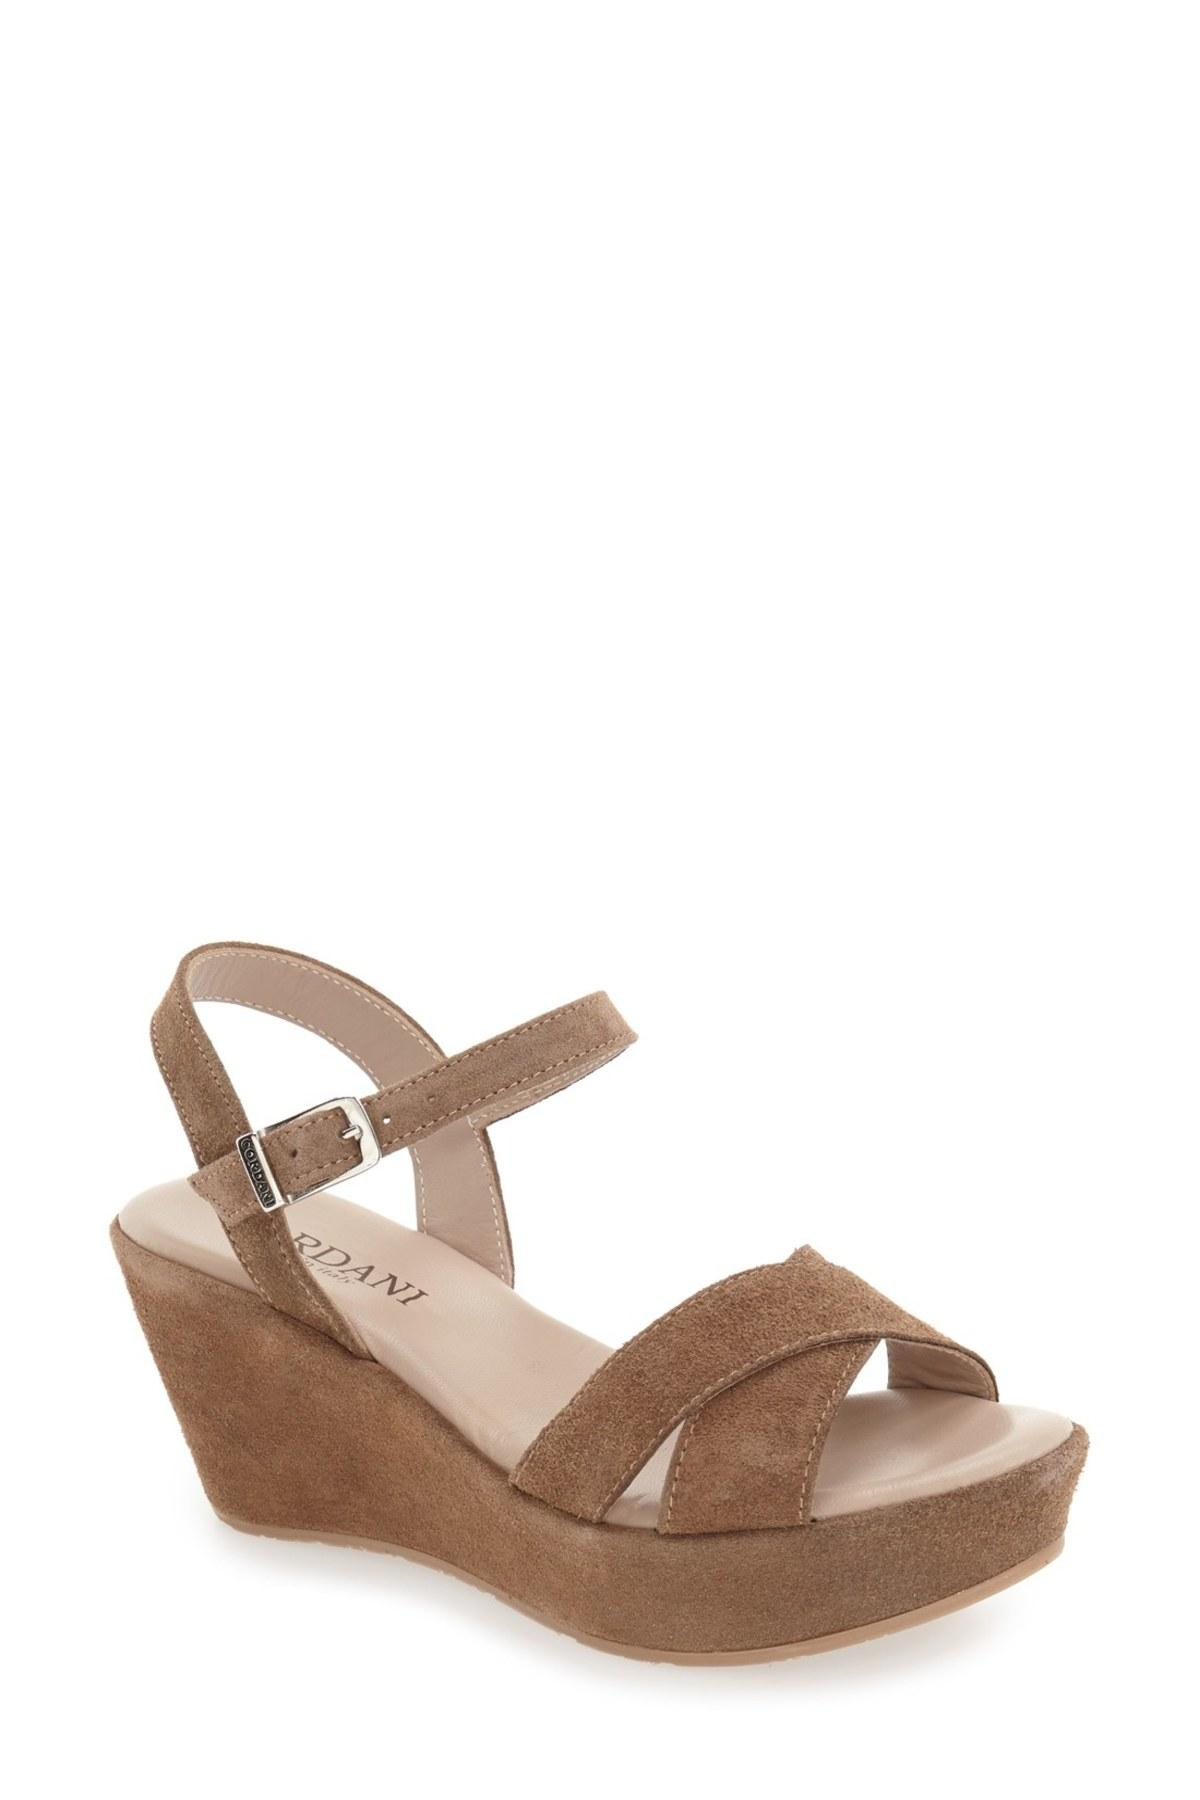 Cordani 'garda' Platform Wedge Sandal in Brown